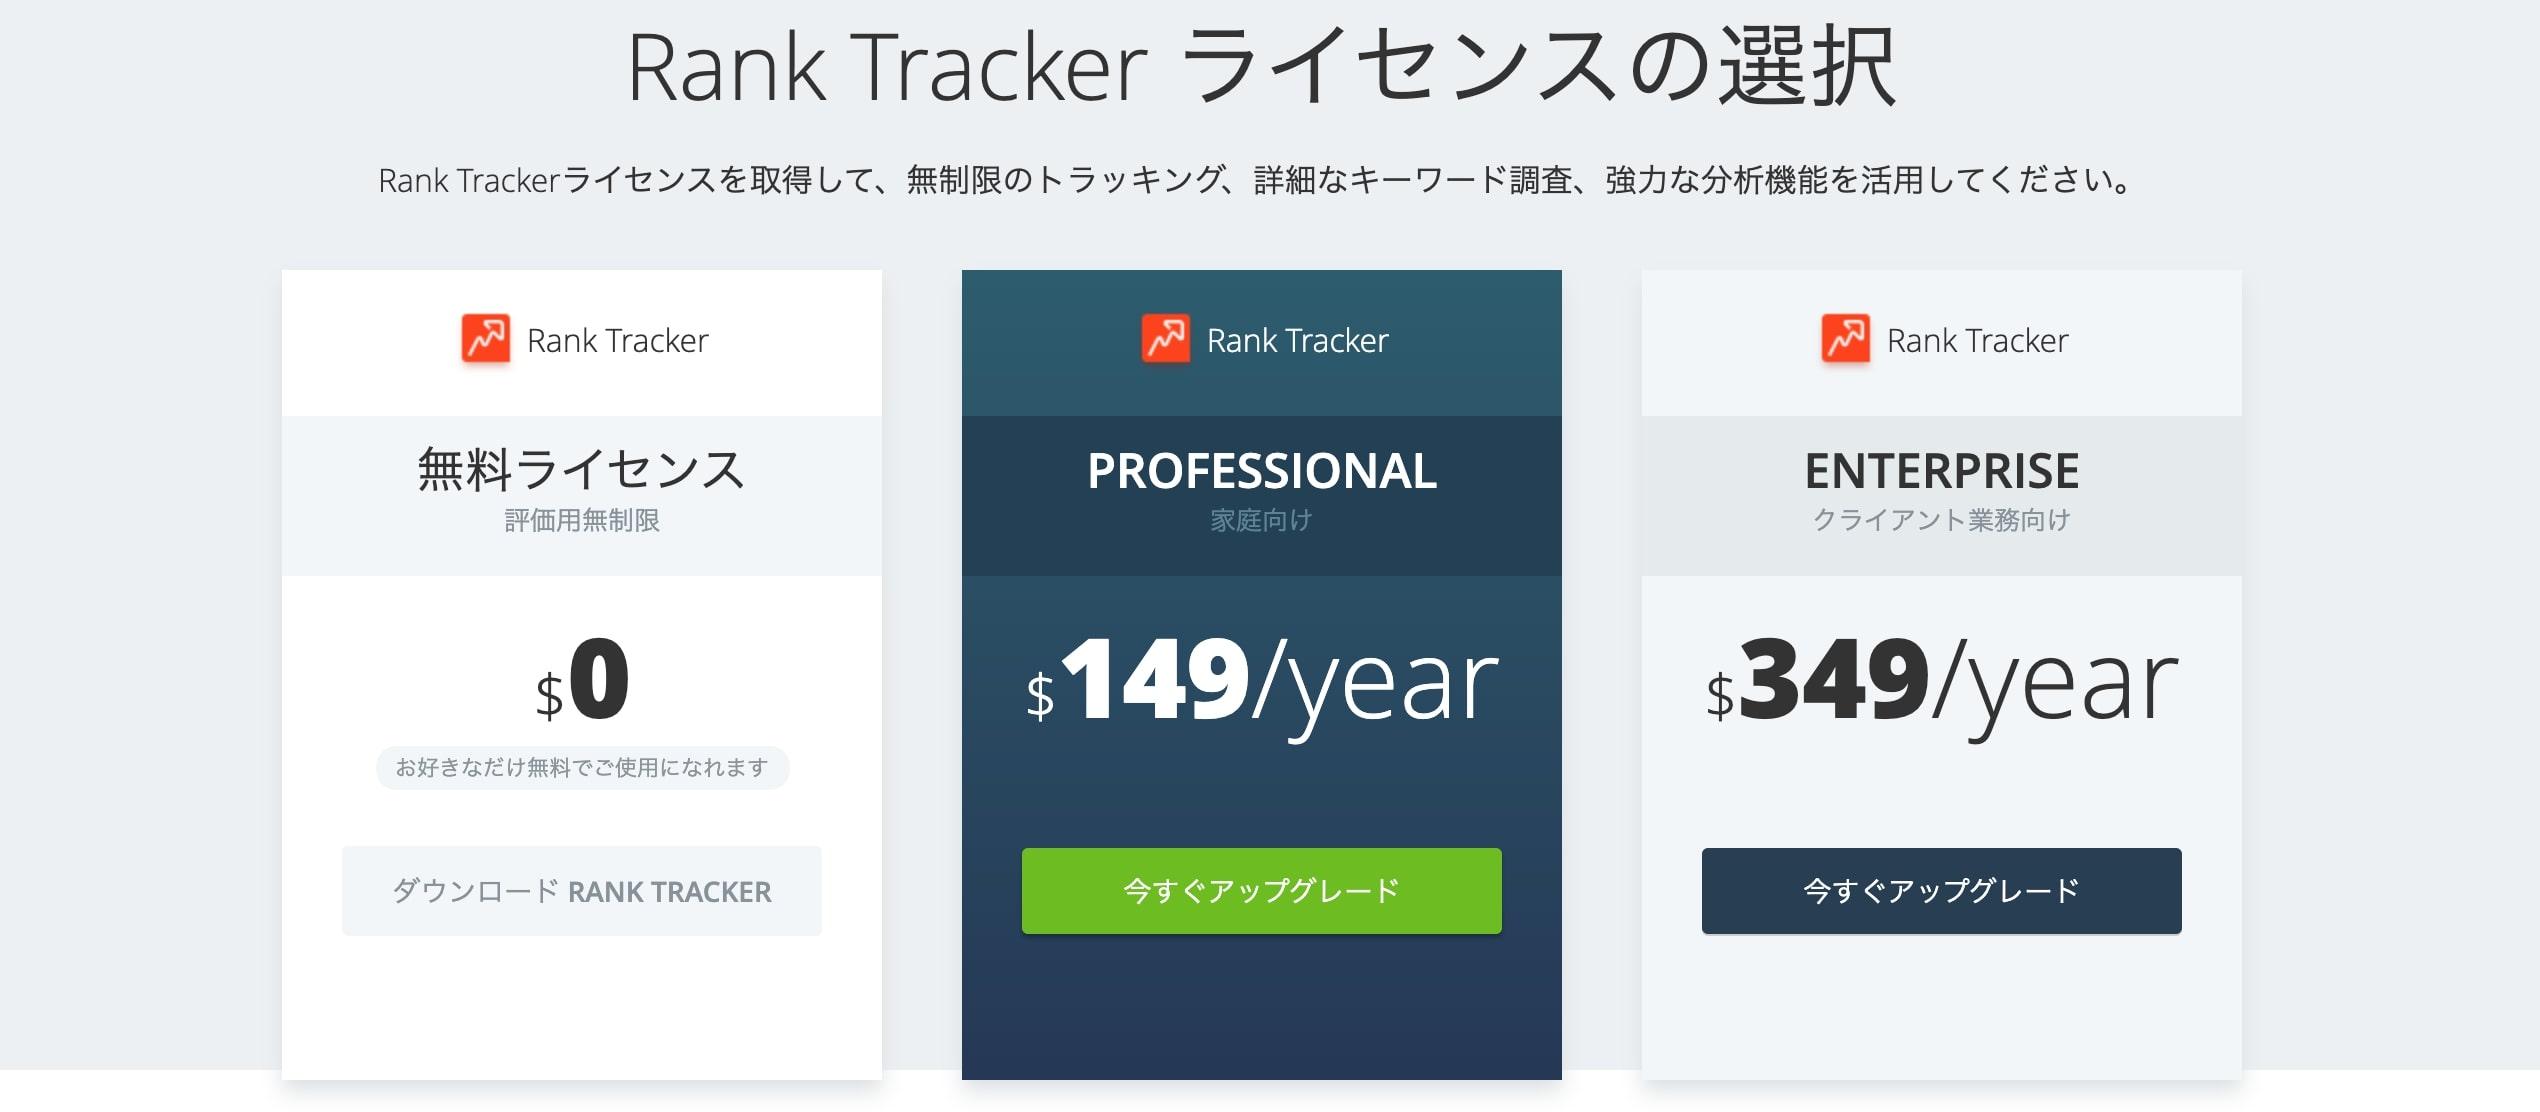 Rank Tracker「プロフェッショナル版」は$149/年です(2020年11月現在)